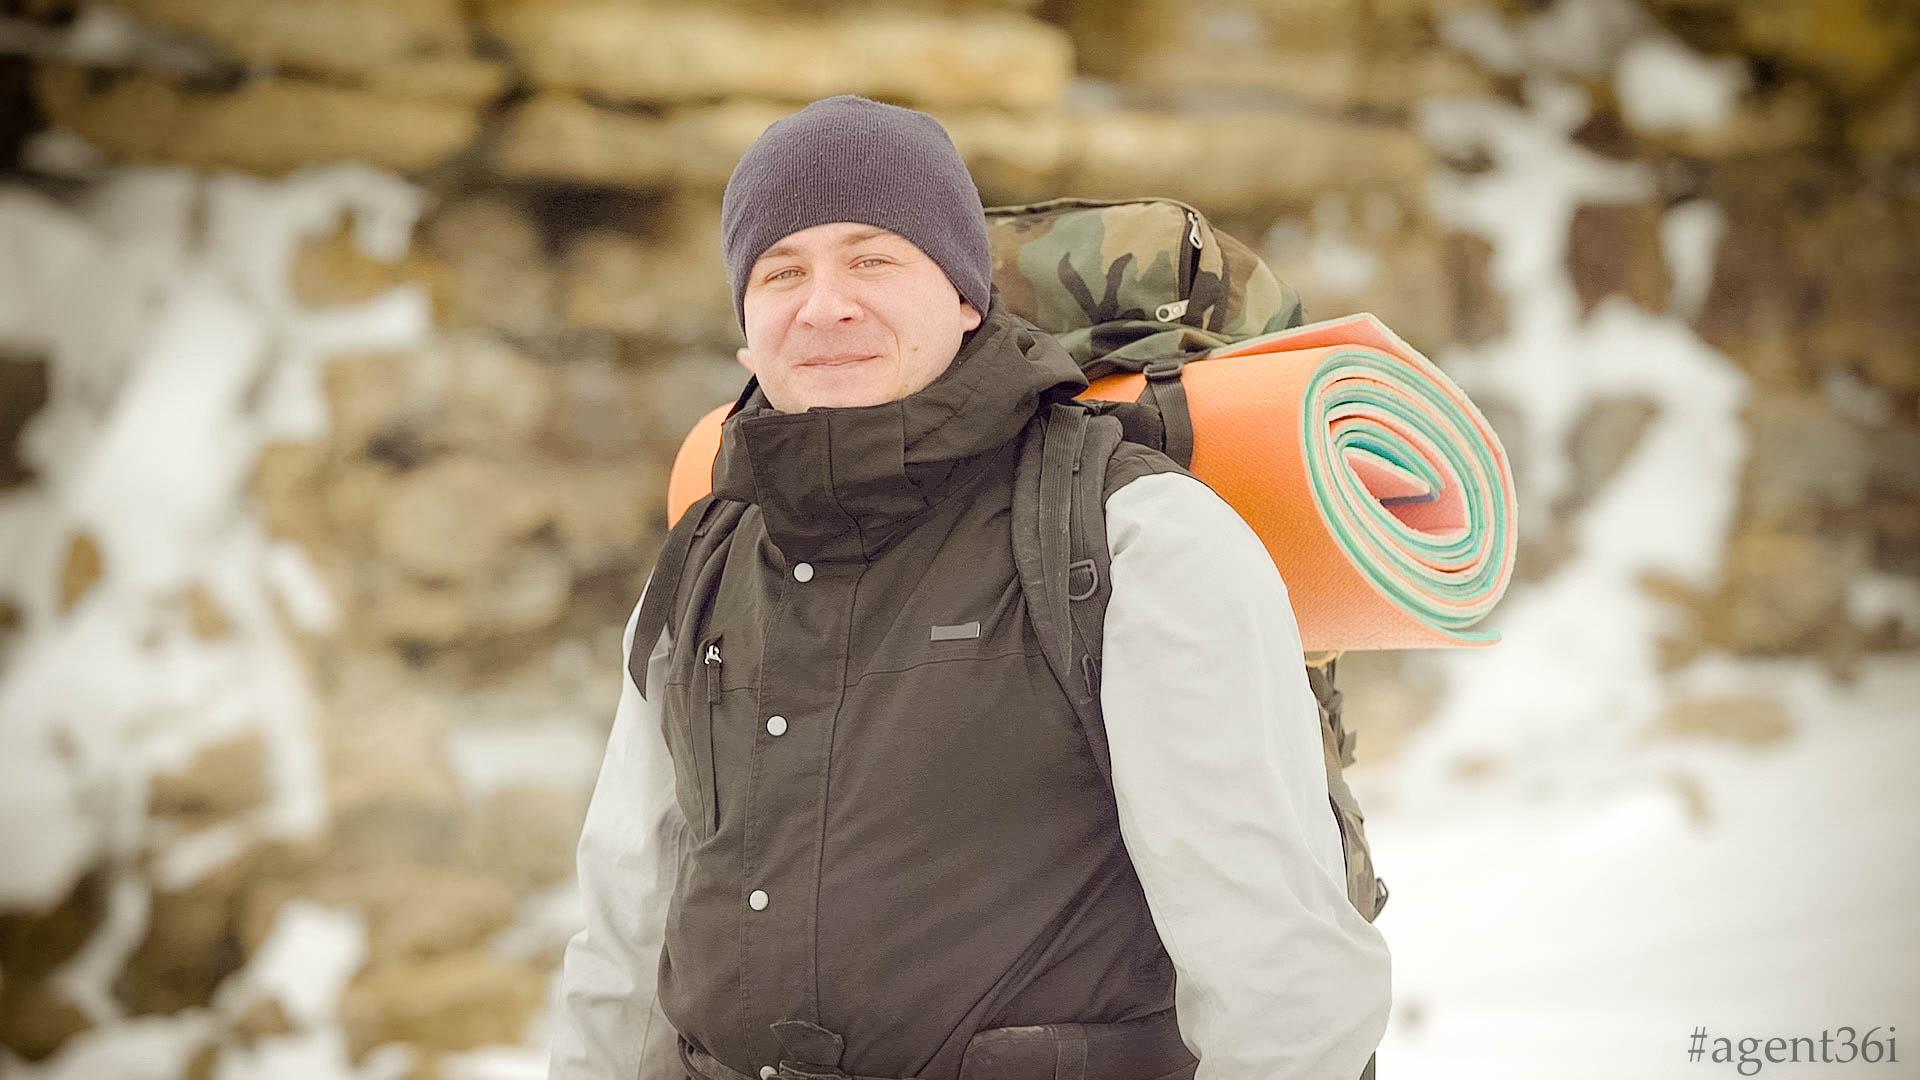 Владимир Телегин: Гонщикам потребуется физическая подготовка, чтобы пройти маршрут «Волга Квест 2020»